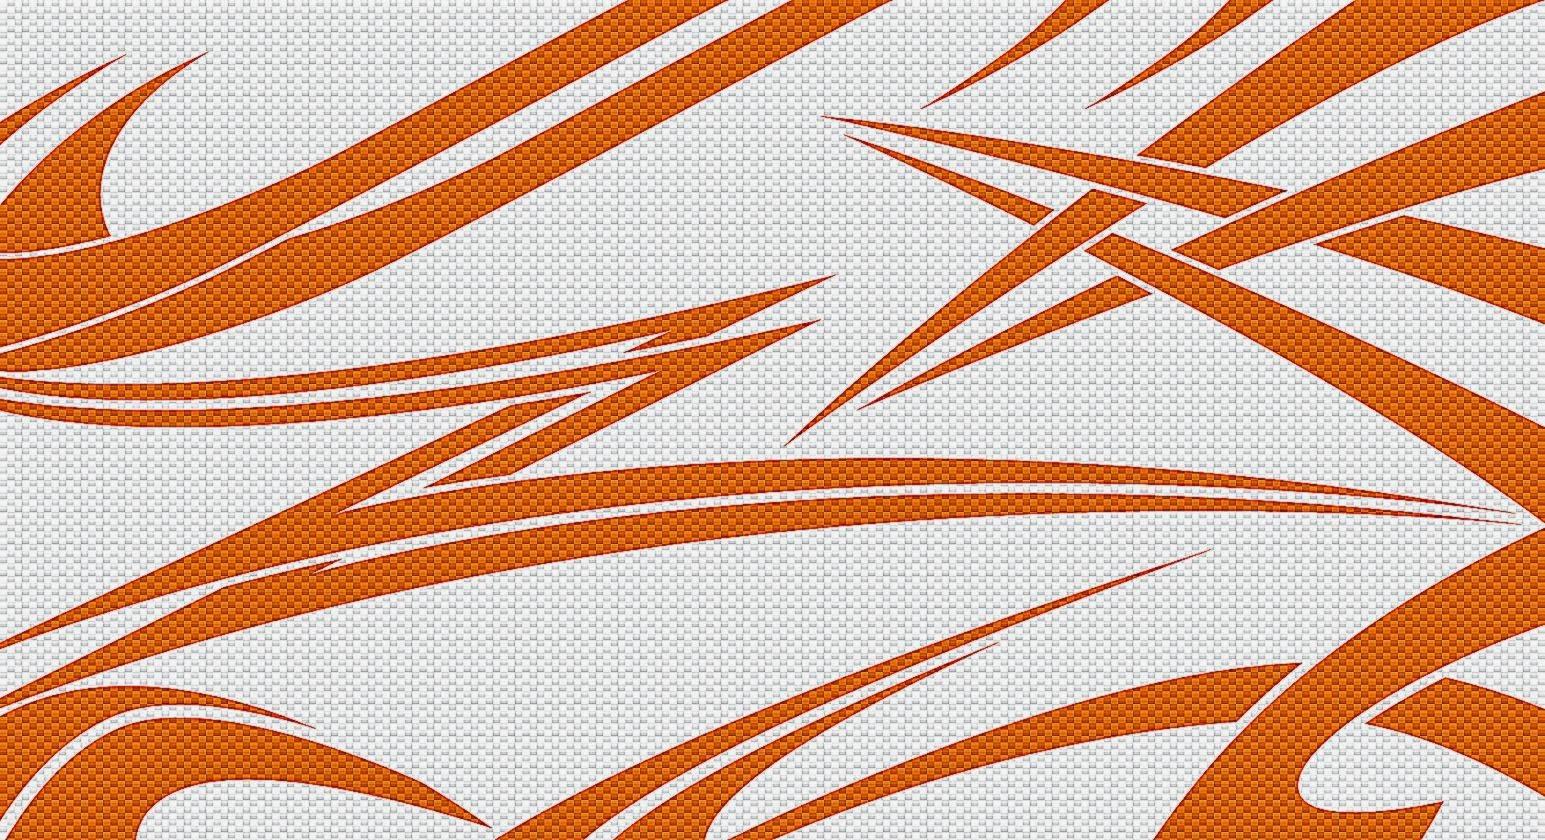 White Orange Carbon   Uncategorized Wallpapers  Best HD